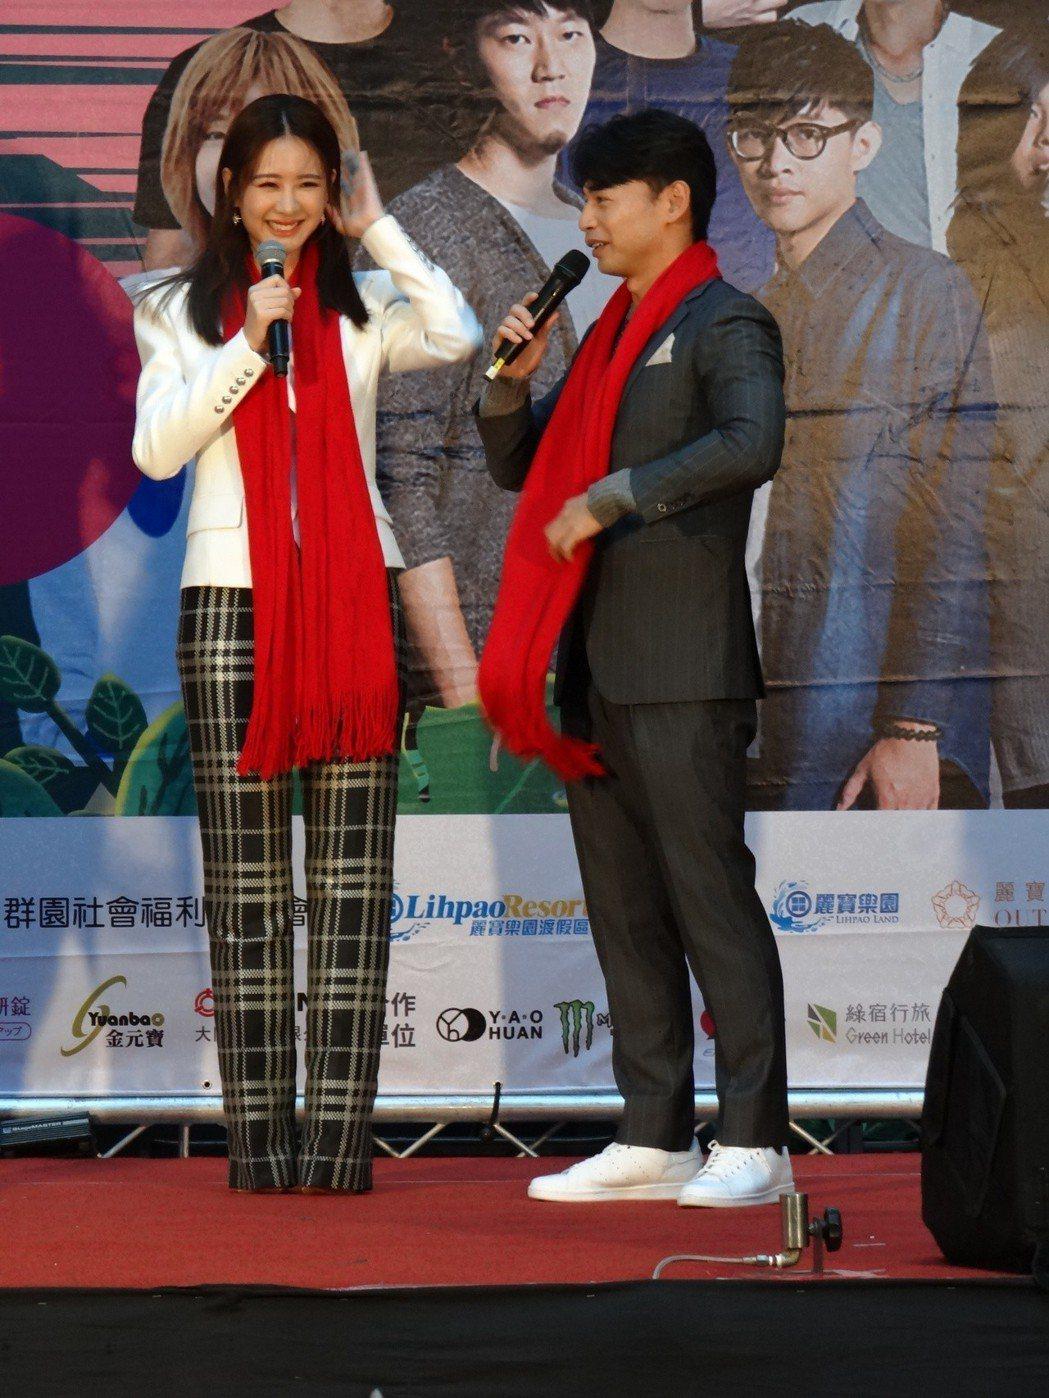 安心亞今出席「2019台中跨年晚會」記者會。圖/三立提供